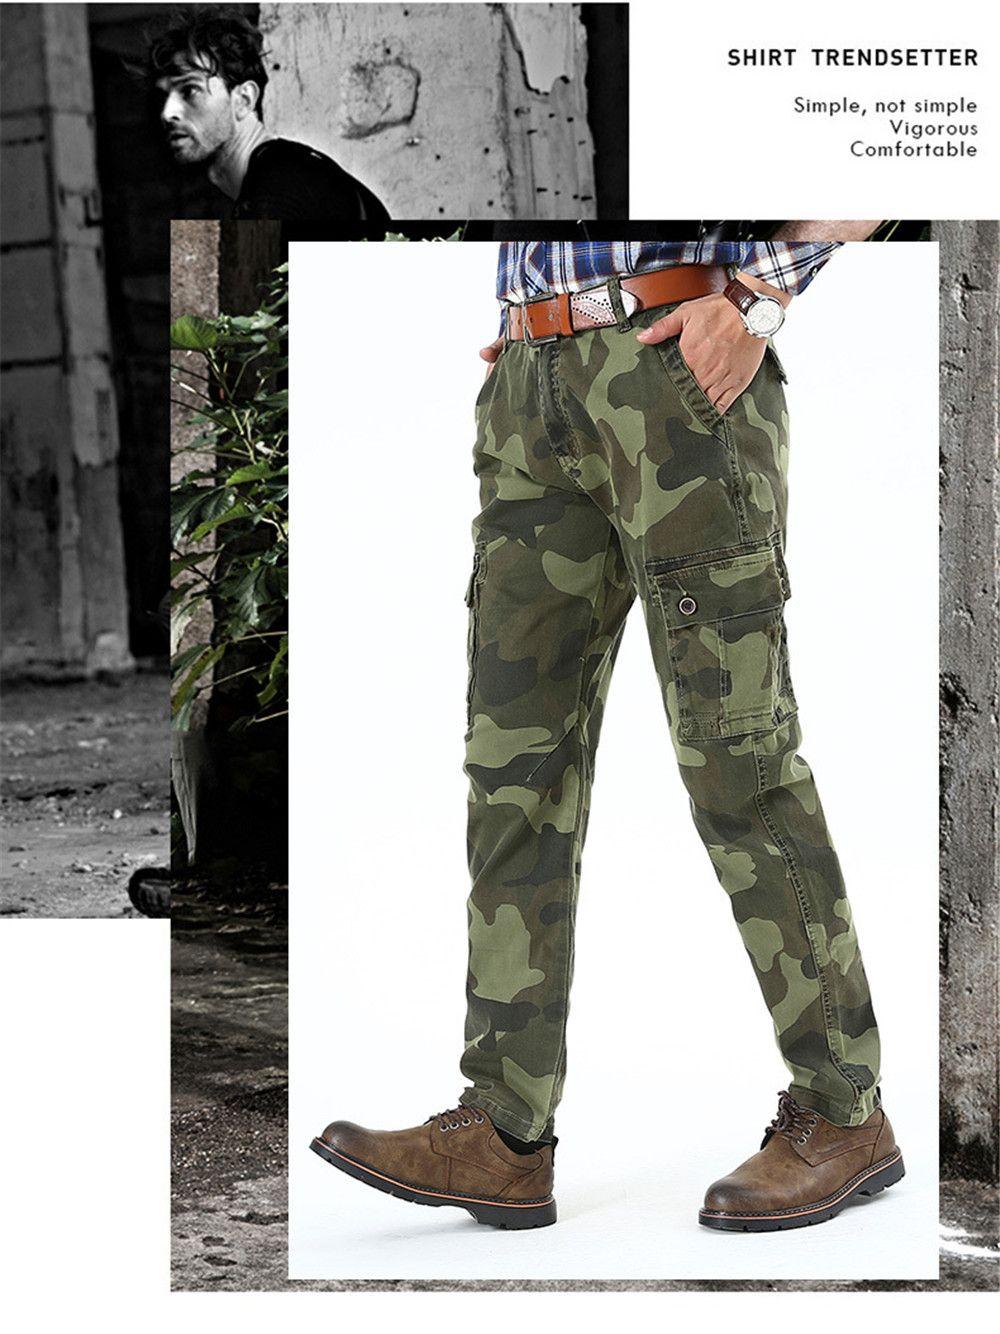 e835eb78b7871 What Shirt To Wear With Camo Pants Guys – DACC